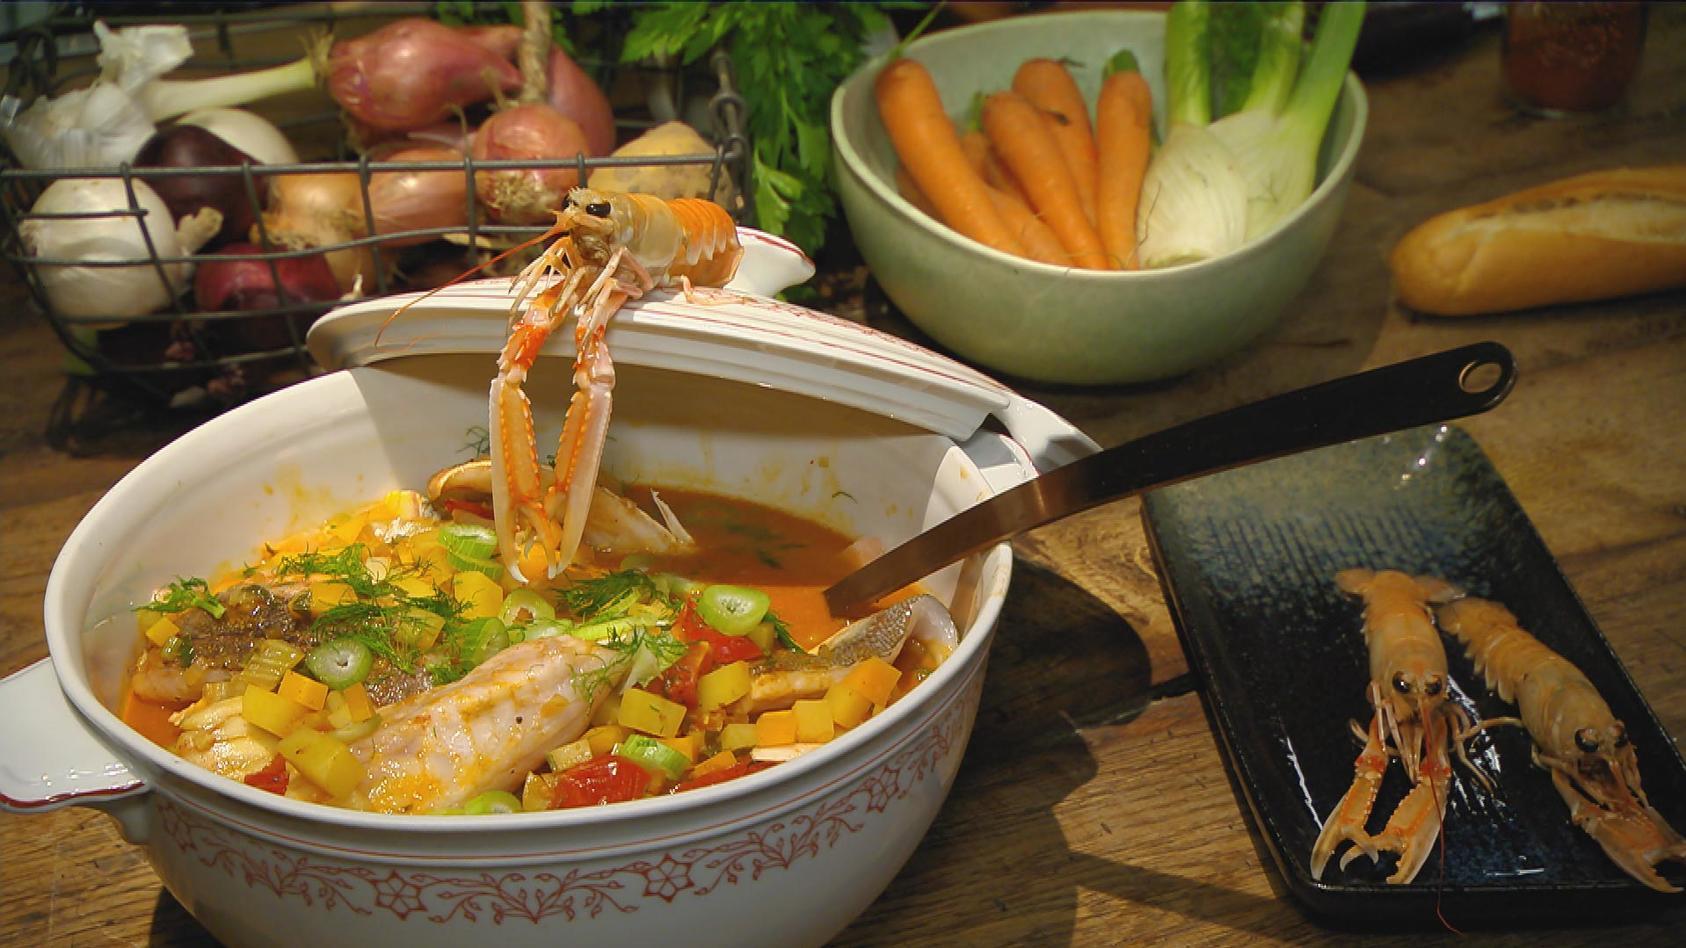 Gerichte mit Geschichte – legendäre Rezepte mit Vergangenheit: Bouillabaisse